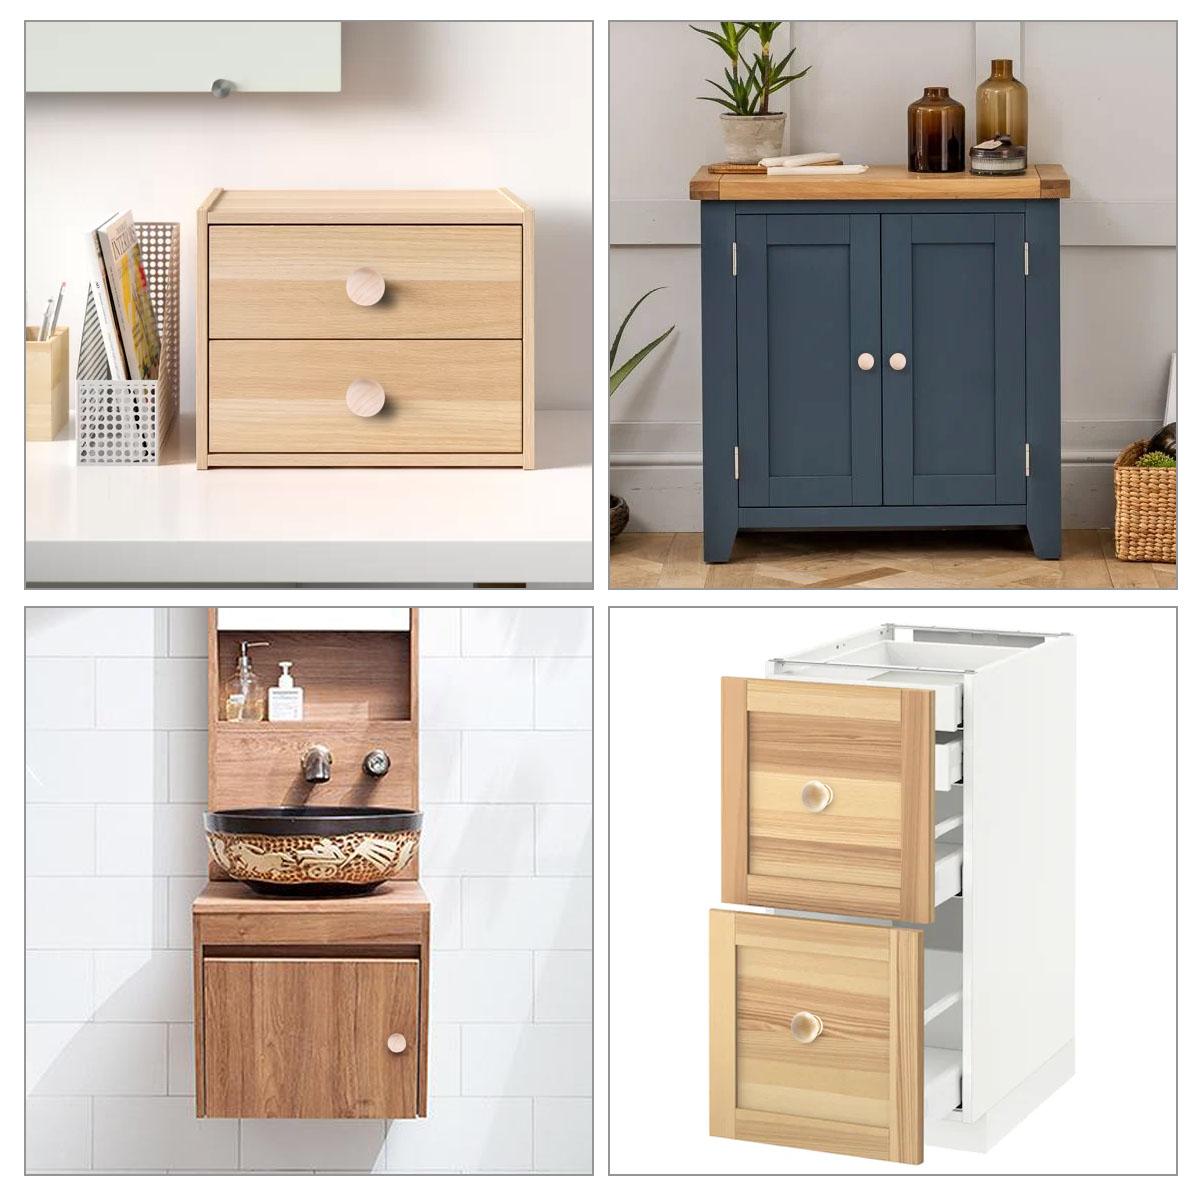 Surepromise - 20 tiradores de madera natural para cajones y muebles, tiradores de muebles